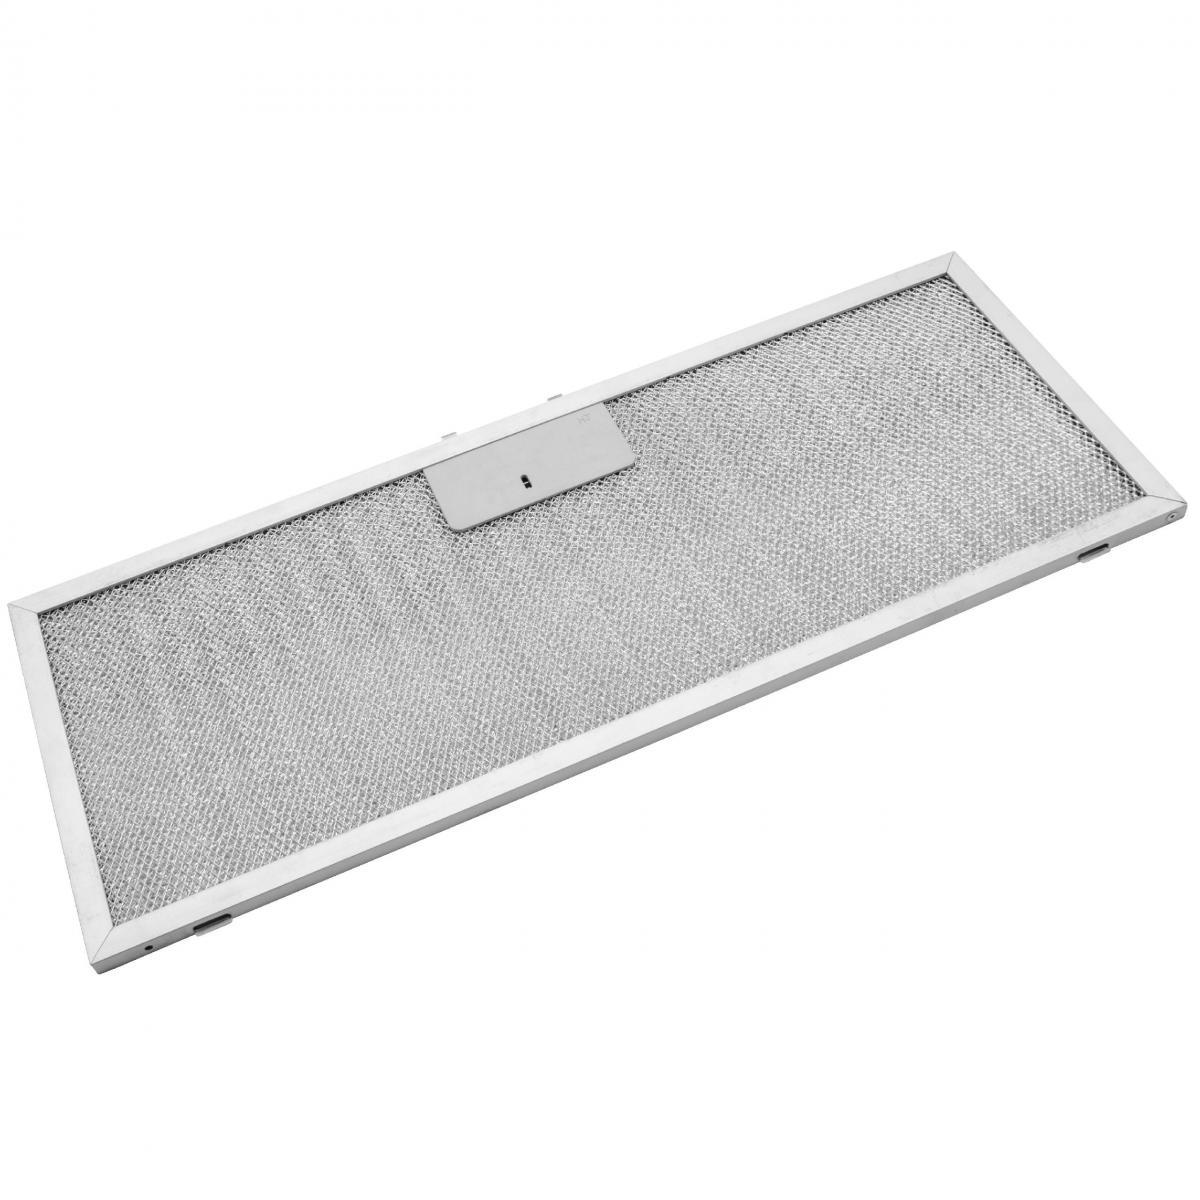 Vhbw vhbw Filtrepermanent filtre à graisse métallique 45,9 x 17,7 x 0,85 cm remplacement pour Bauknecht 481248058314 hottes d